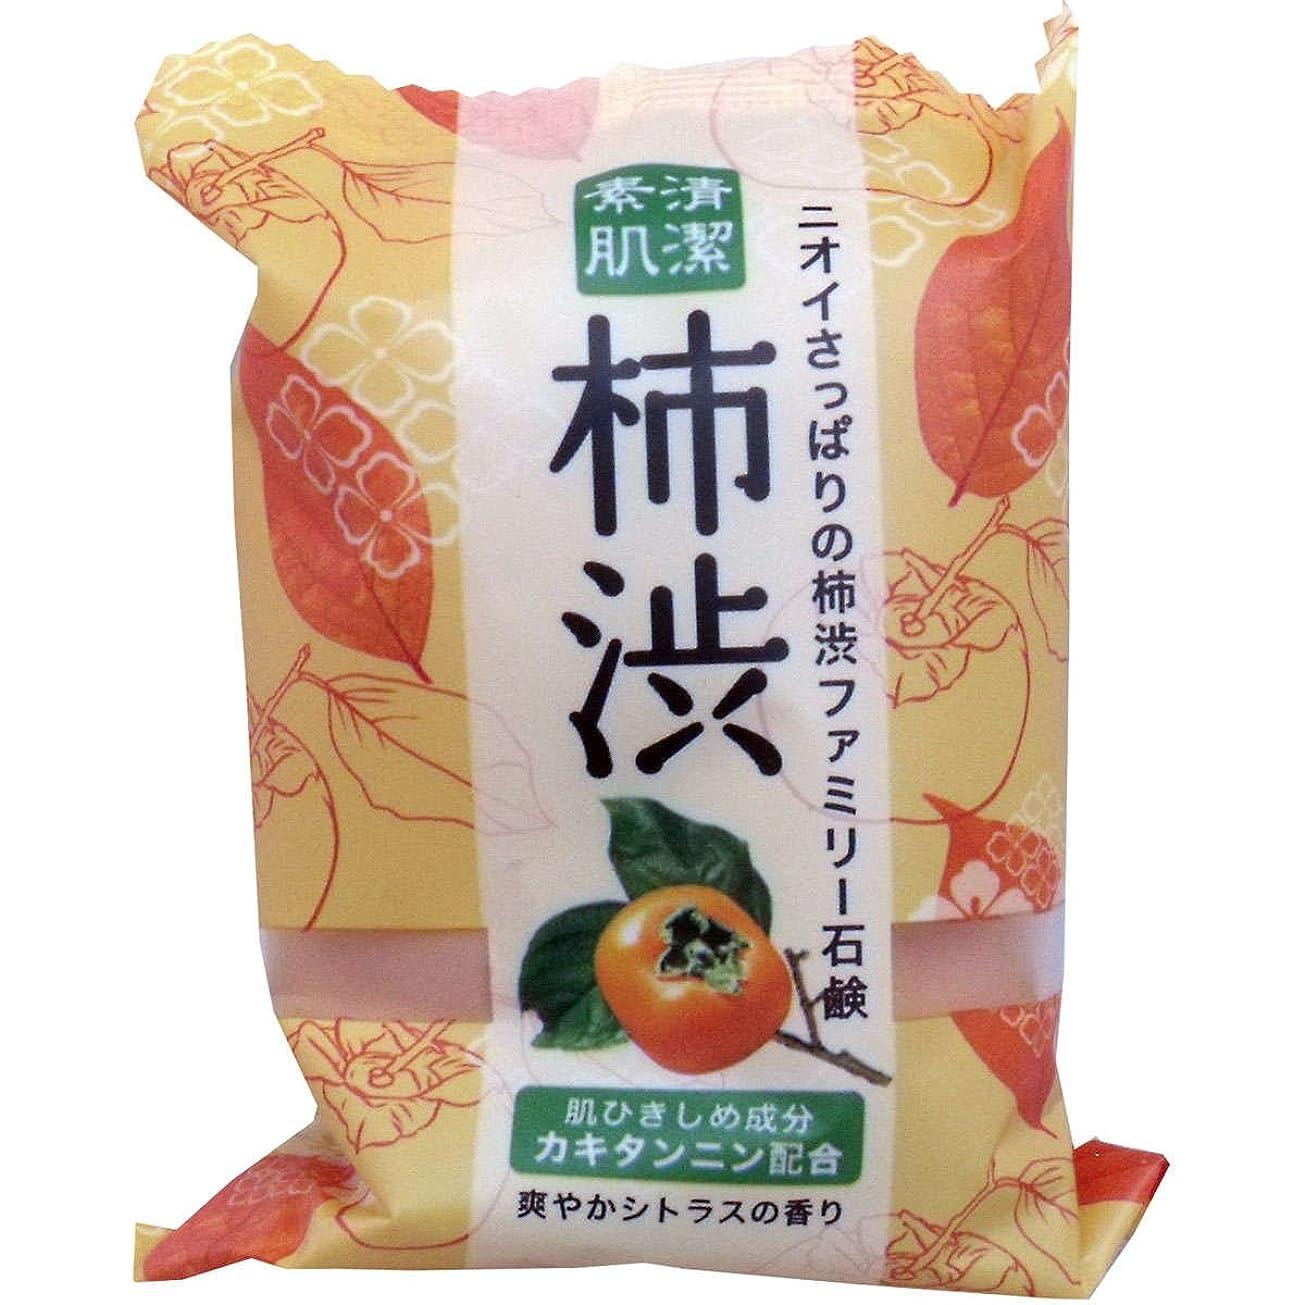 打撃批評控えめなペリカン石鹸 ファミリー柿渋石鹸(1個)